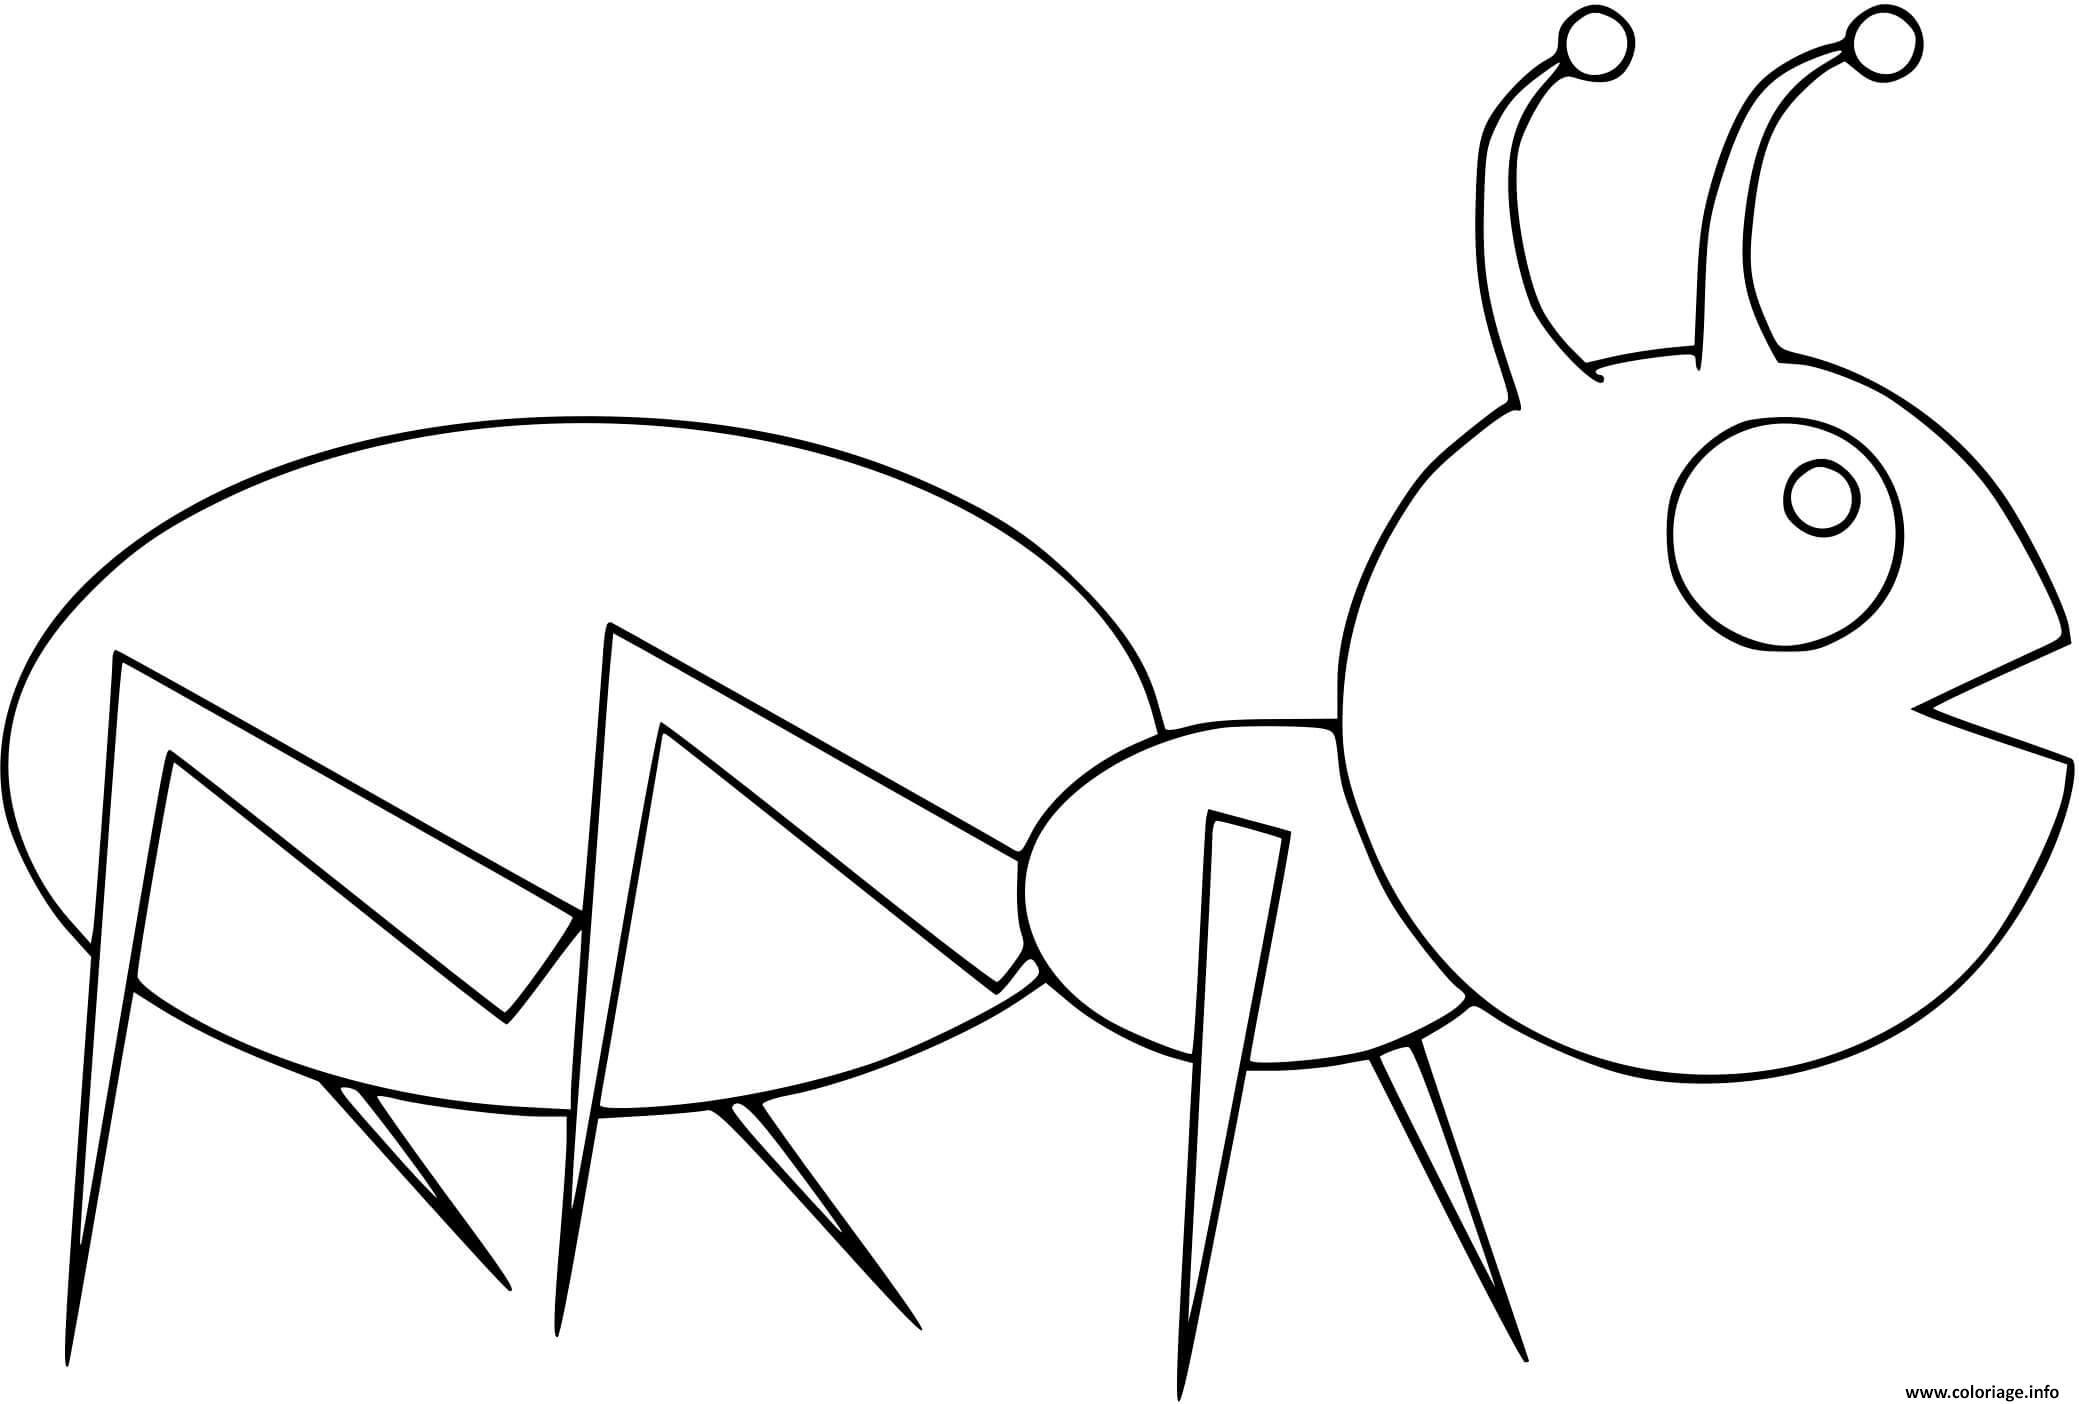 Dessin fourmi facile maternelle Coloriage Gratuit à Imprimer